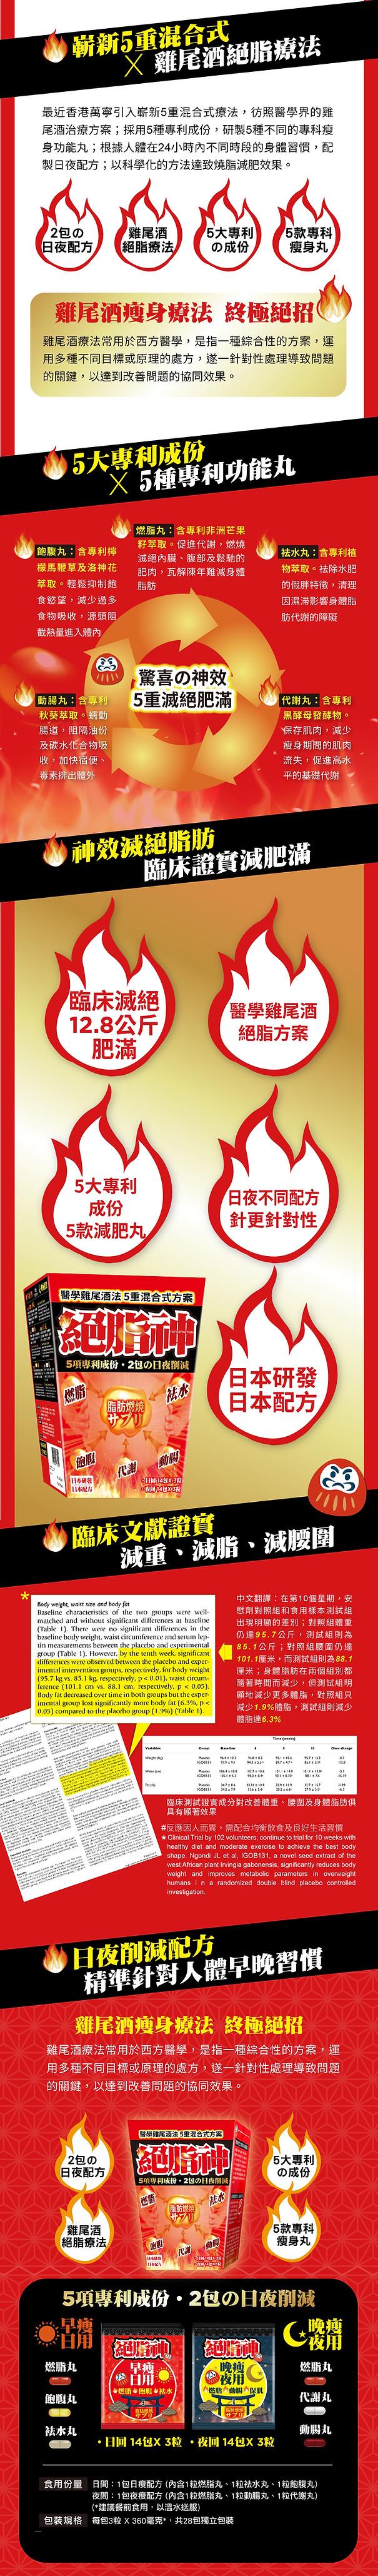 絕脂神日本研發日夜配方,採用5種專利成分瘦身